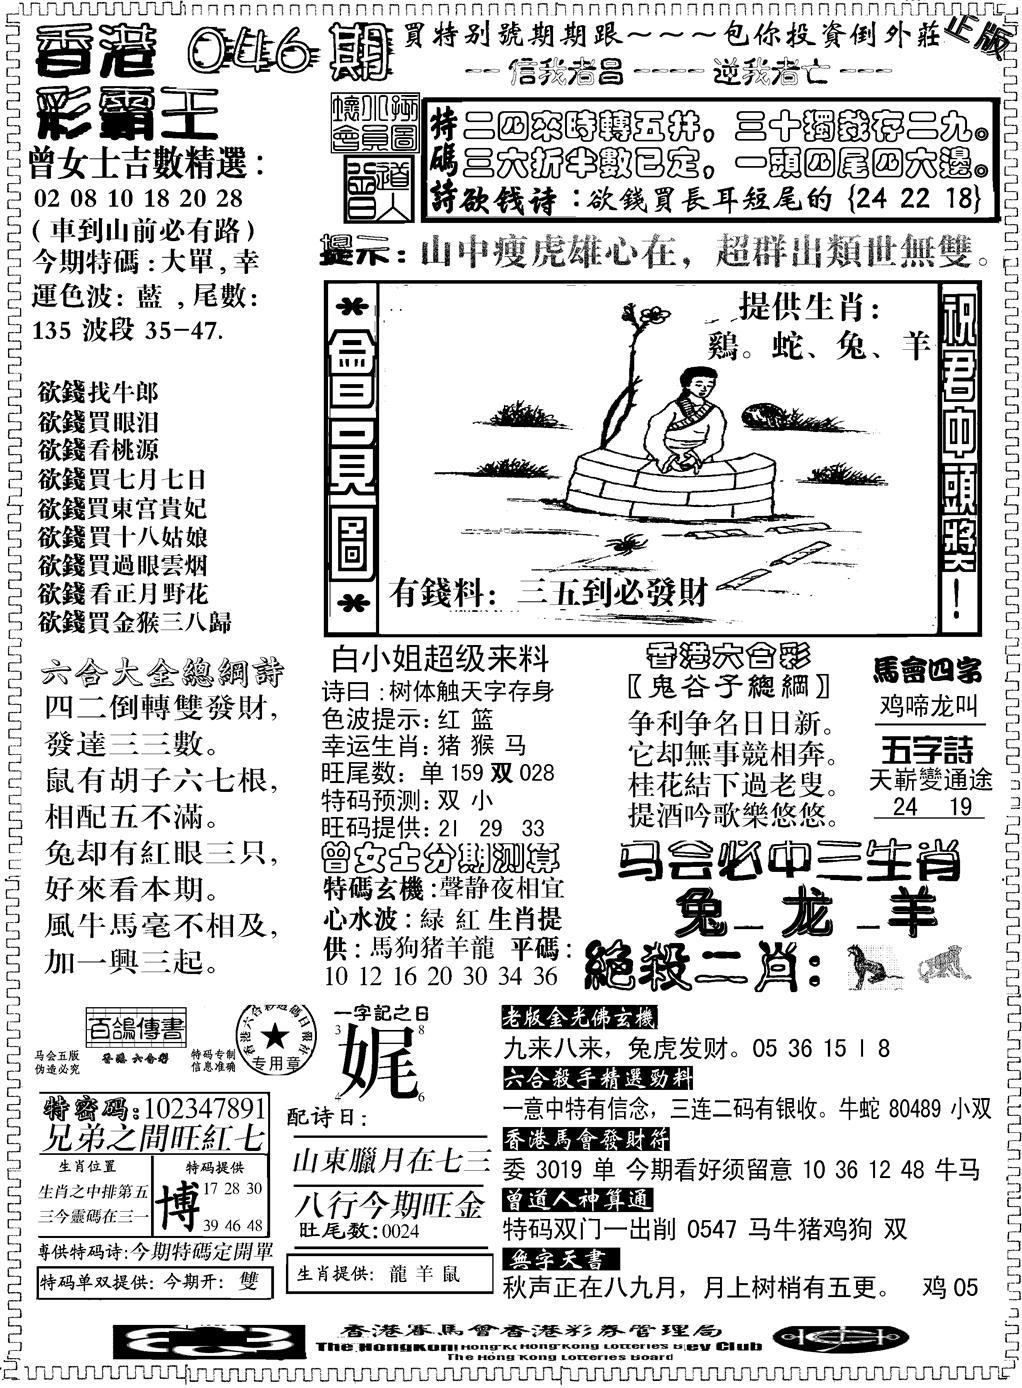 046期另版新版彩霸王B(黑白)